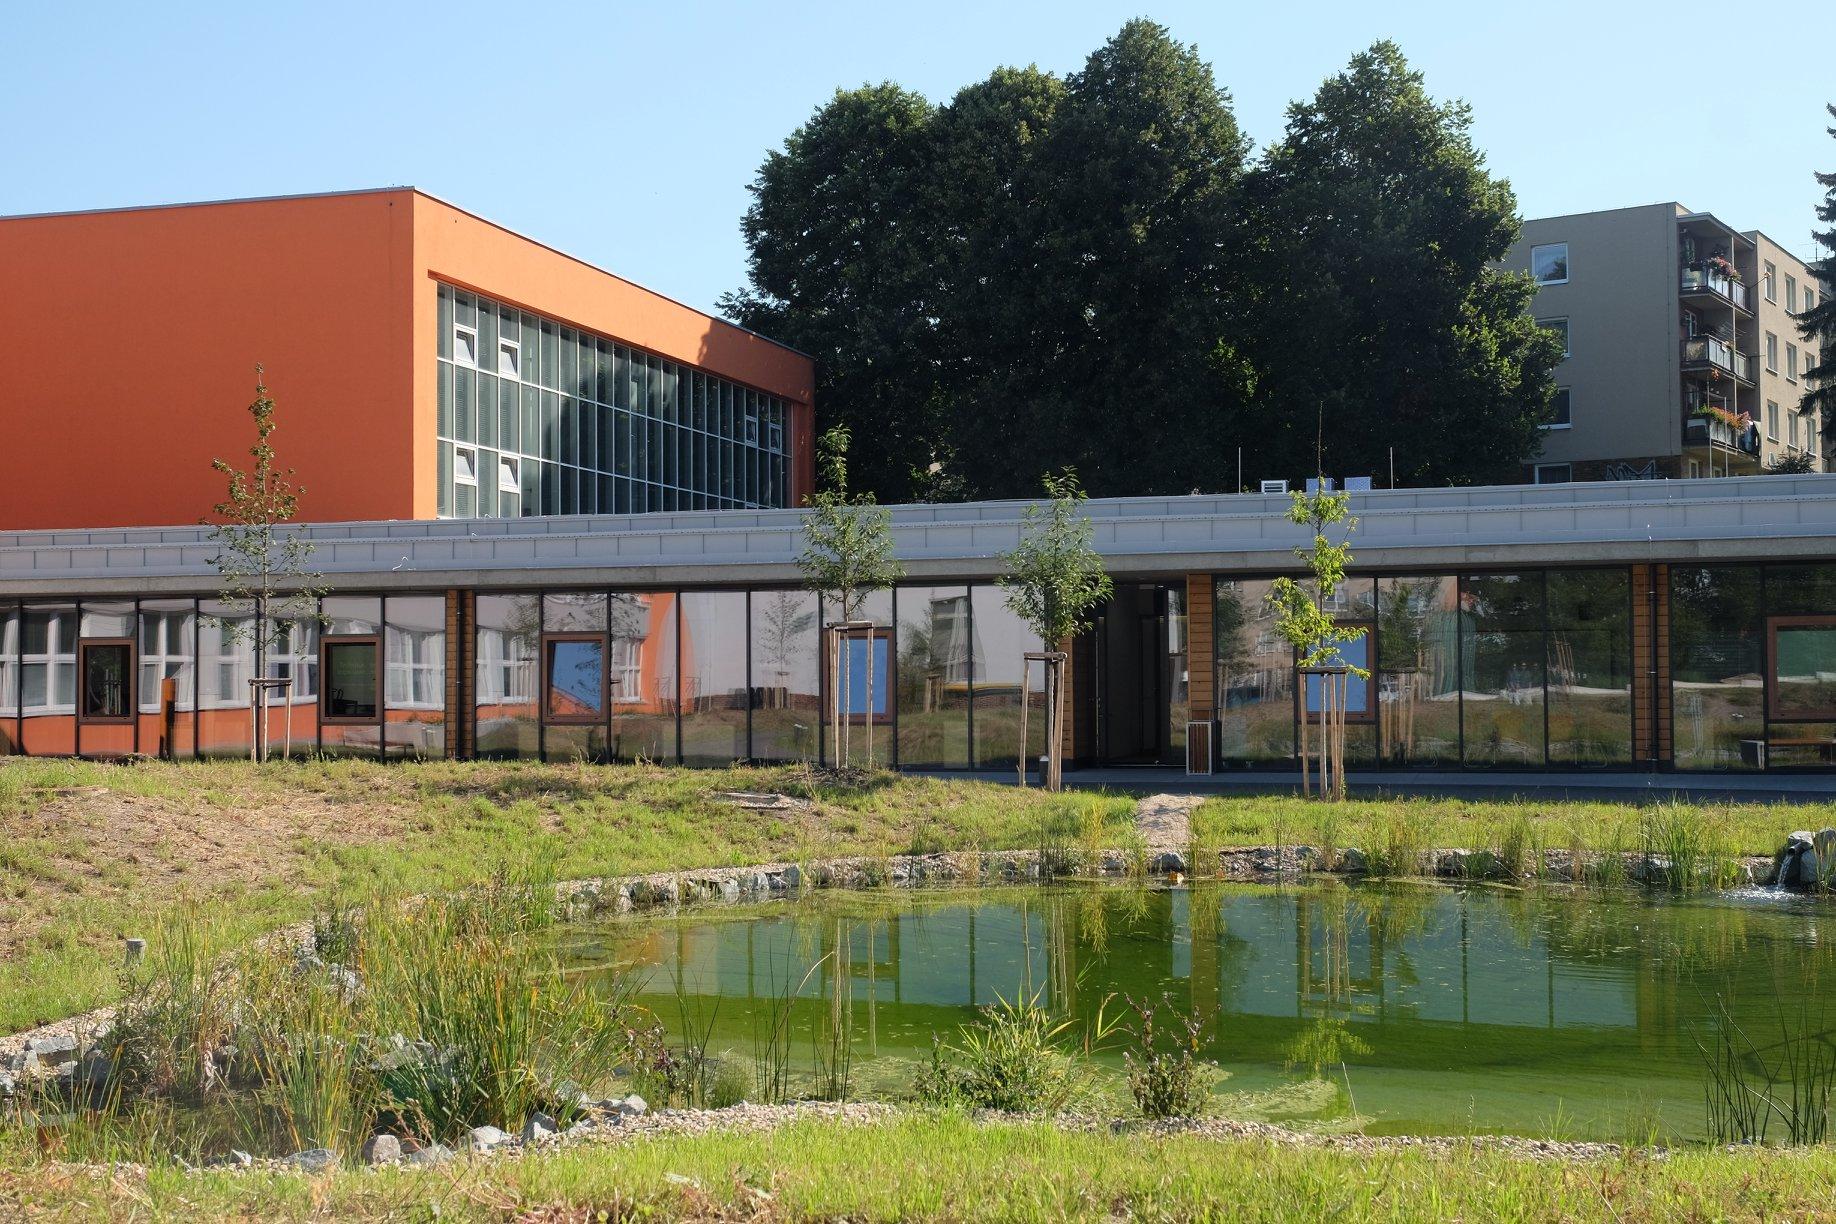 Centrum polytechnické výchovy, které na Bílkově ulici vzniklo prakticky během jednoho volebního období